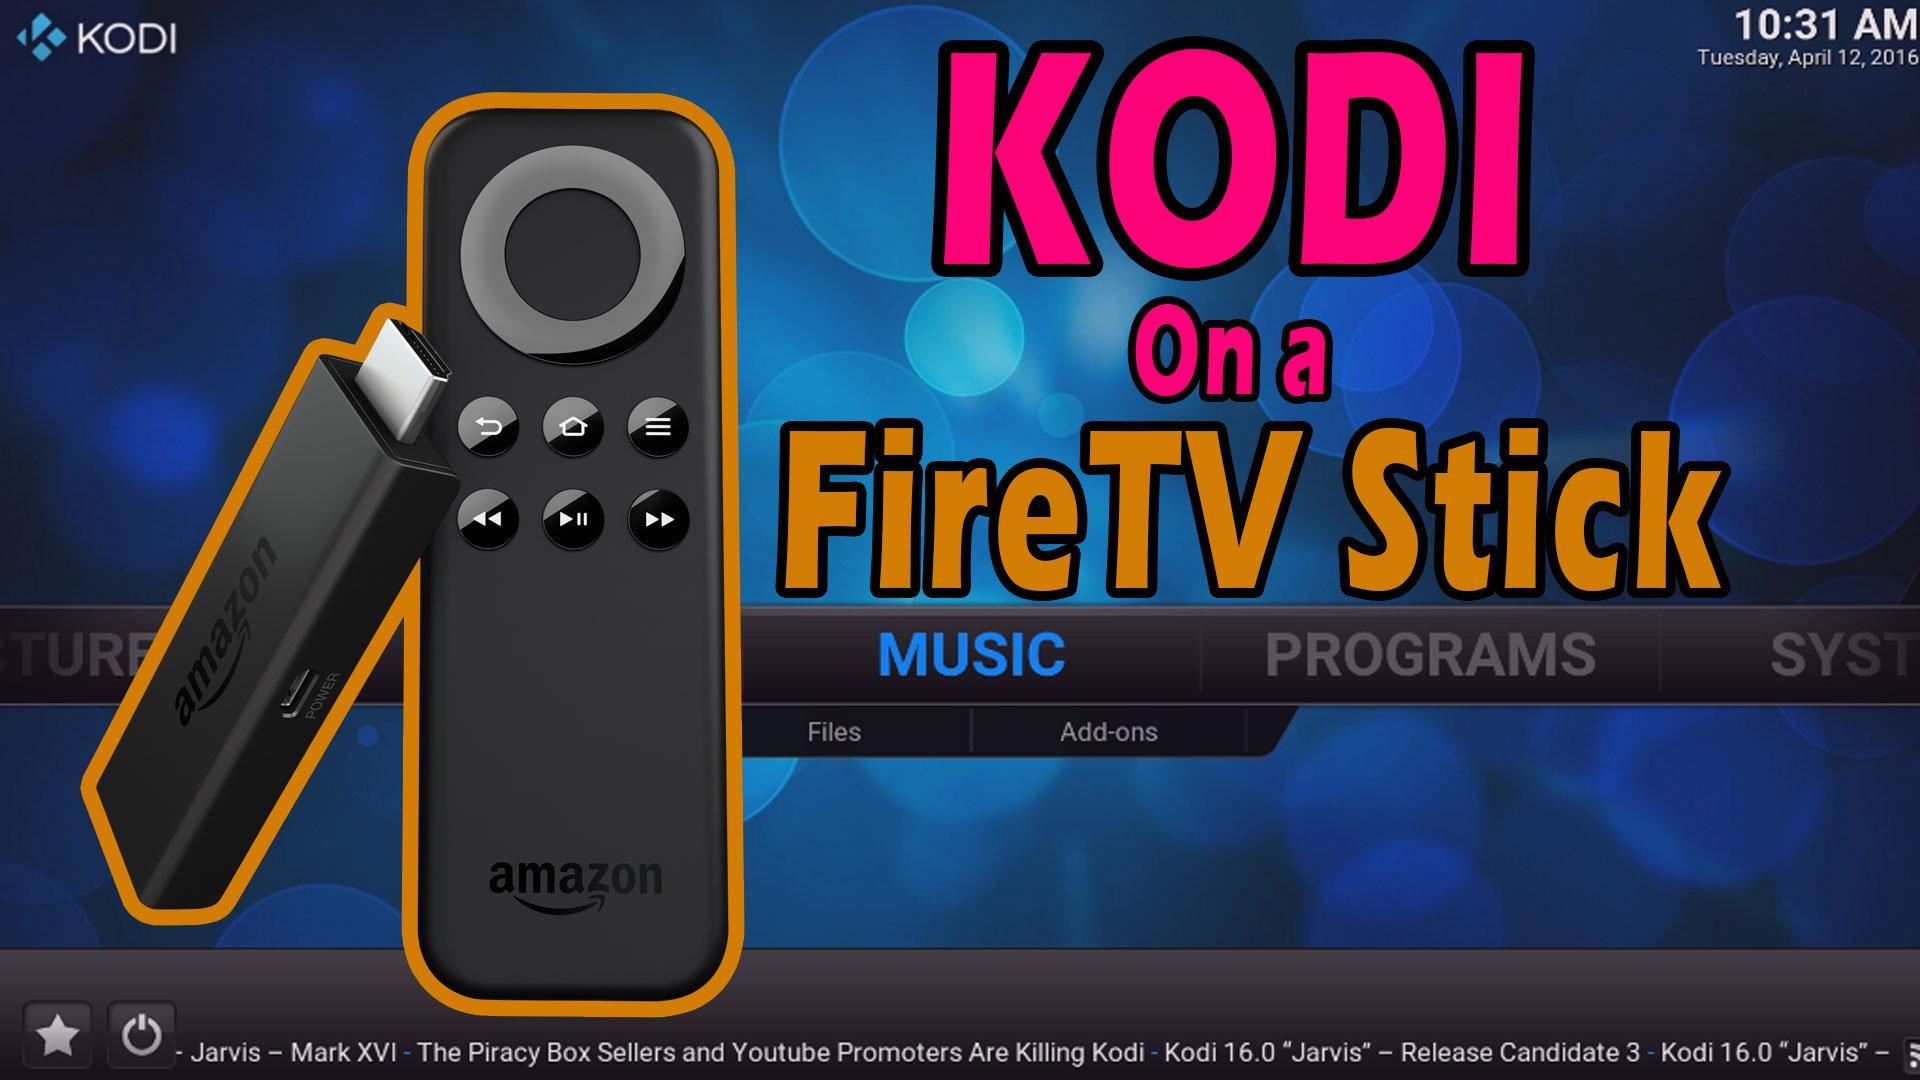 How to Install KODI onto your Amazon FireTV Stick